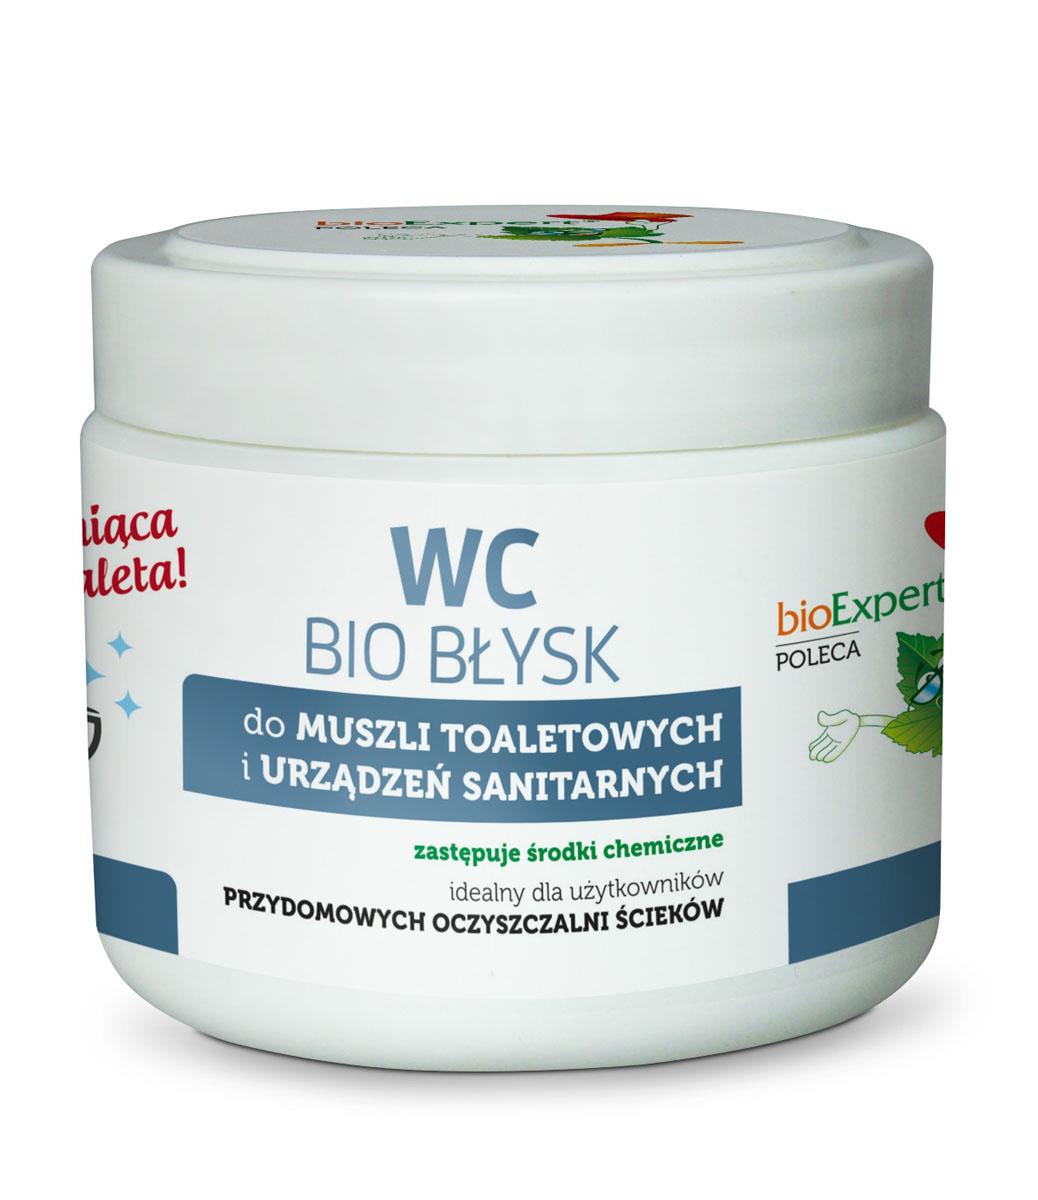 Средство биологическое bioExpert для мытья унитазов и раковин, удаления камня и биологических отложений, 200 г790009Биологически Активное средство для мытья унитазов и раковин. Действие: Удаляет стойкие известняковые наросты, минеральные отложения и пятна мочи Предотвращает последующее накопление осадковУстраня+R9ет плохие запахиРасщепляет органические отложения в туалете и канализационной системеОбеспечивает оптимальную биологическую активность септиков и систем очистки сточных вод. Преимущества:Чистый и блестящий туалет без химии и особых усилий Обеспечивает оптимальную биологическую активность септиков и систем очистки сточных вод. Очень эффективен Водорастворимый пакетик делает продукт безопасным и облегчает пользованиеПриятный аромат